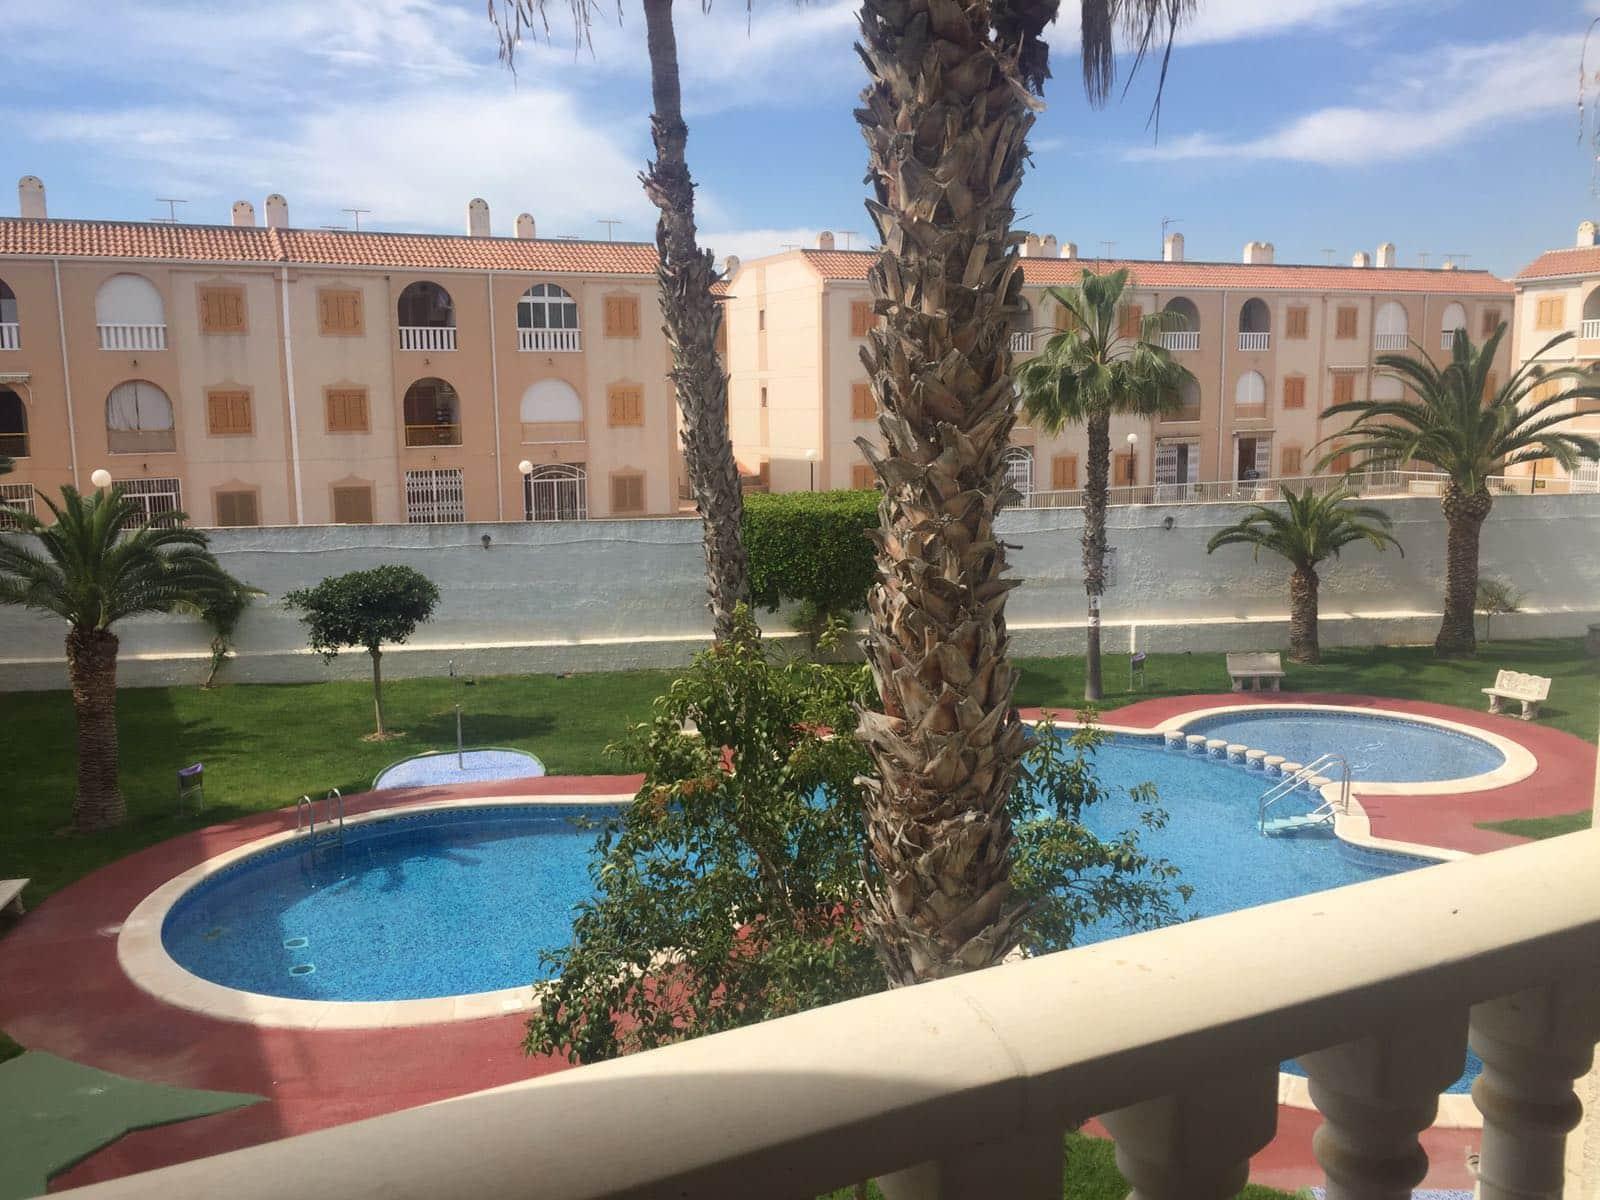 Квартира с одной спальней в 150 метрах от пляжа и зеленой зоной с бассейном